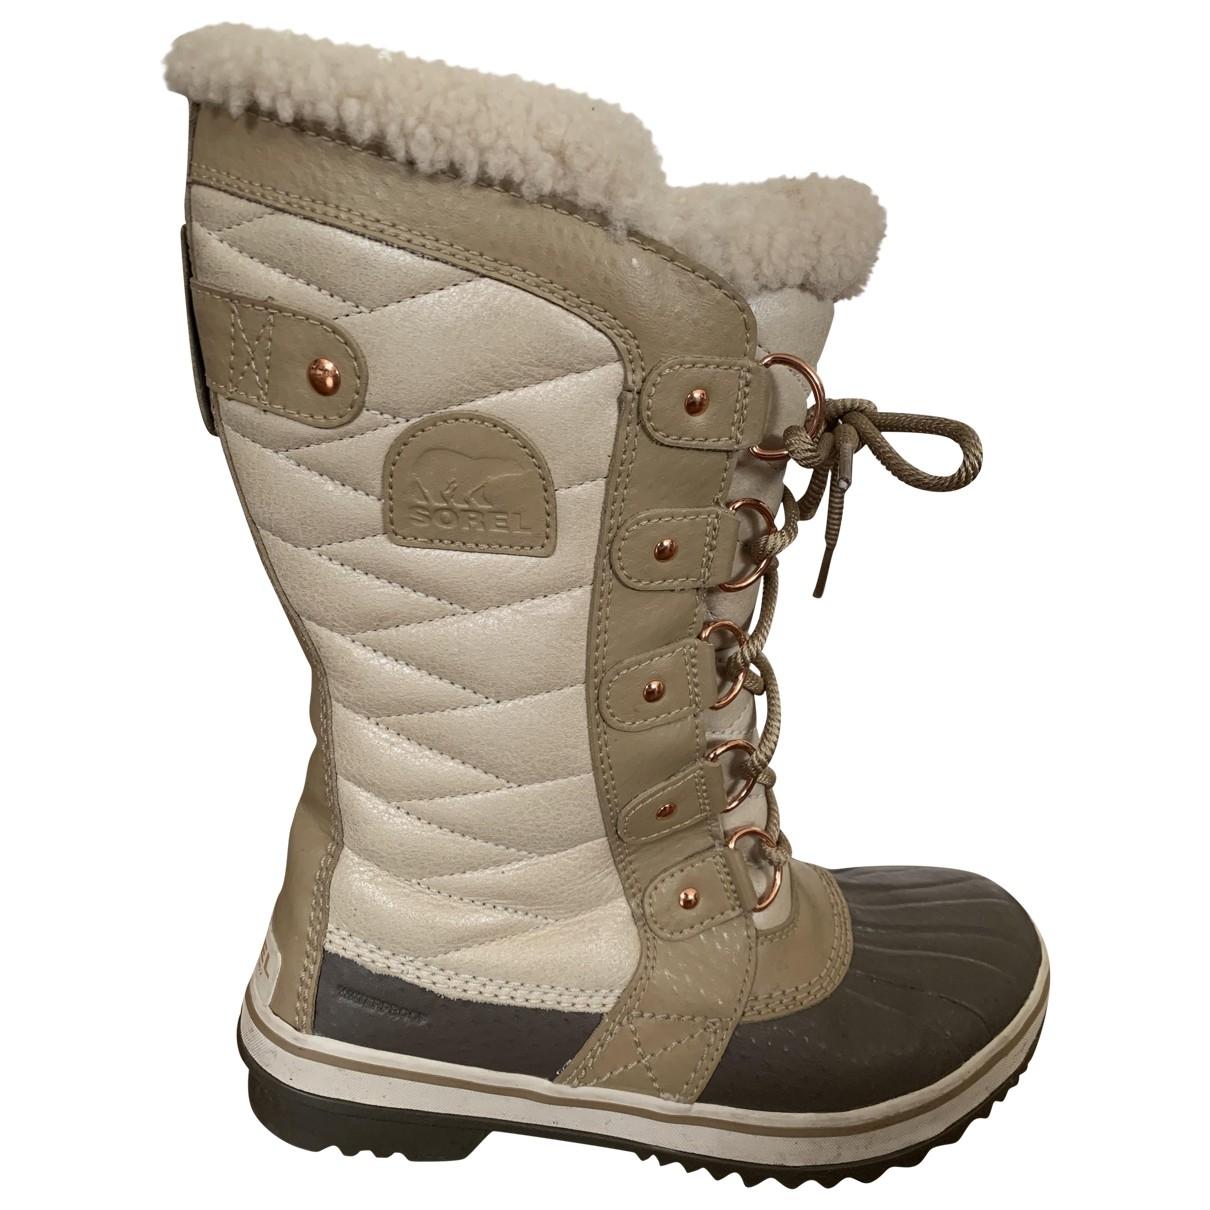 Sorel - Boots   pour femme en caoutchouc - beige